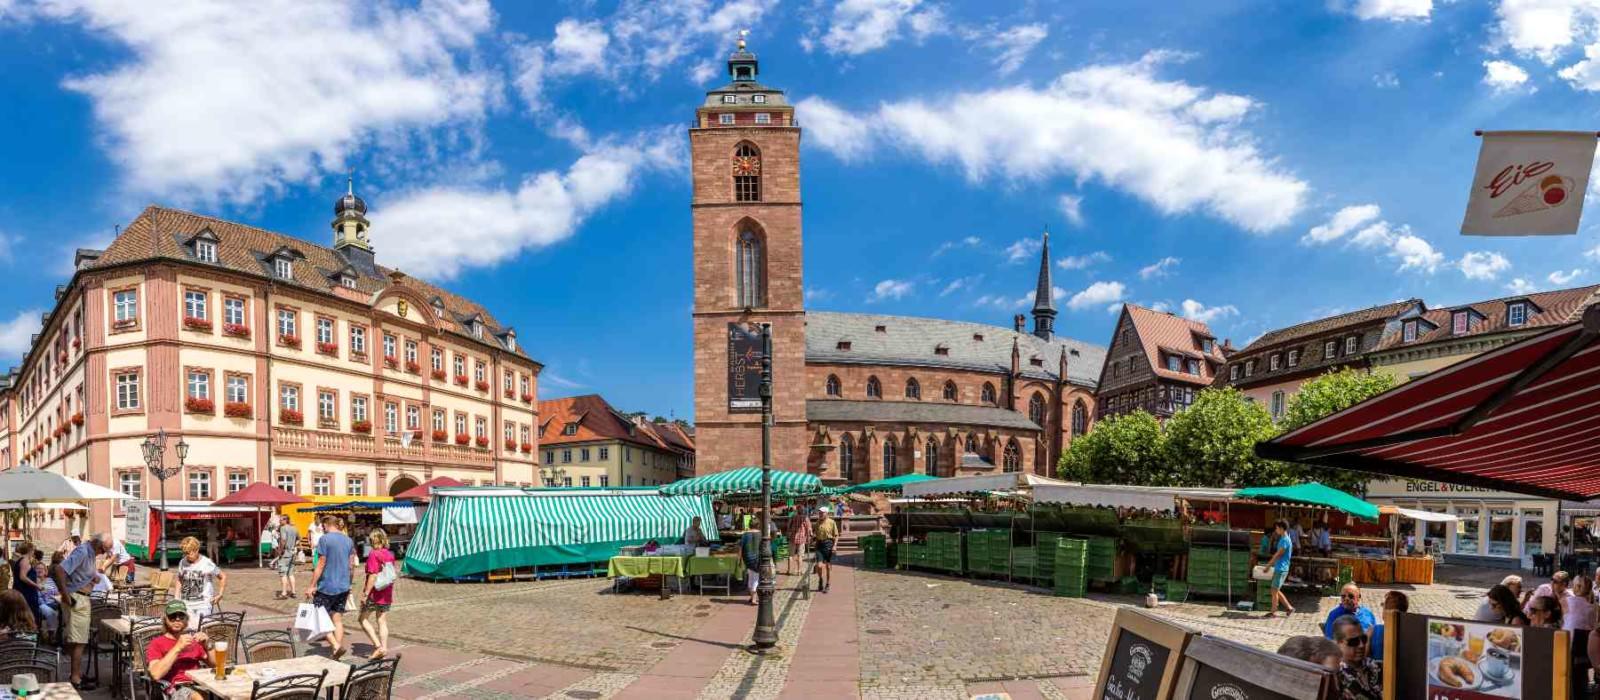 Stadtwerke Neustadt Kachel News © Jochen Heim